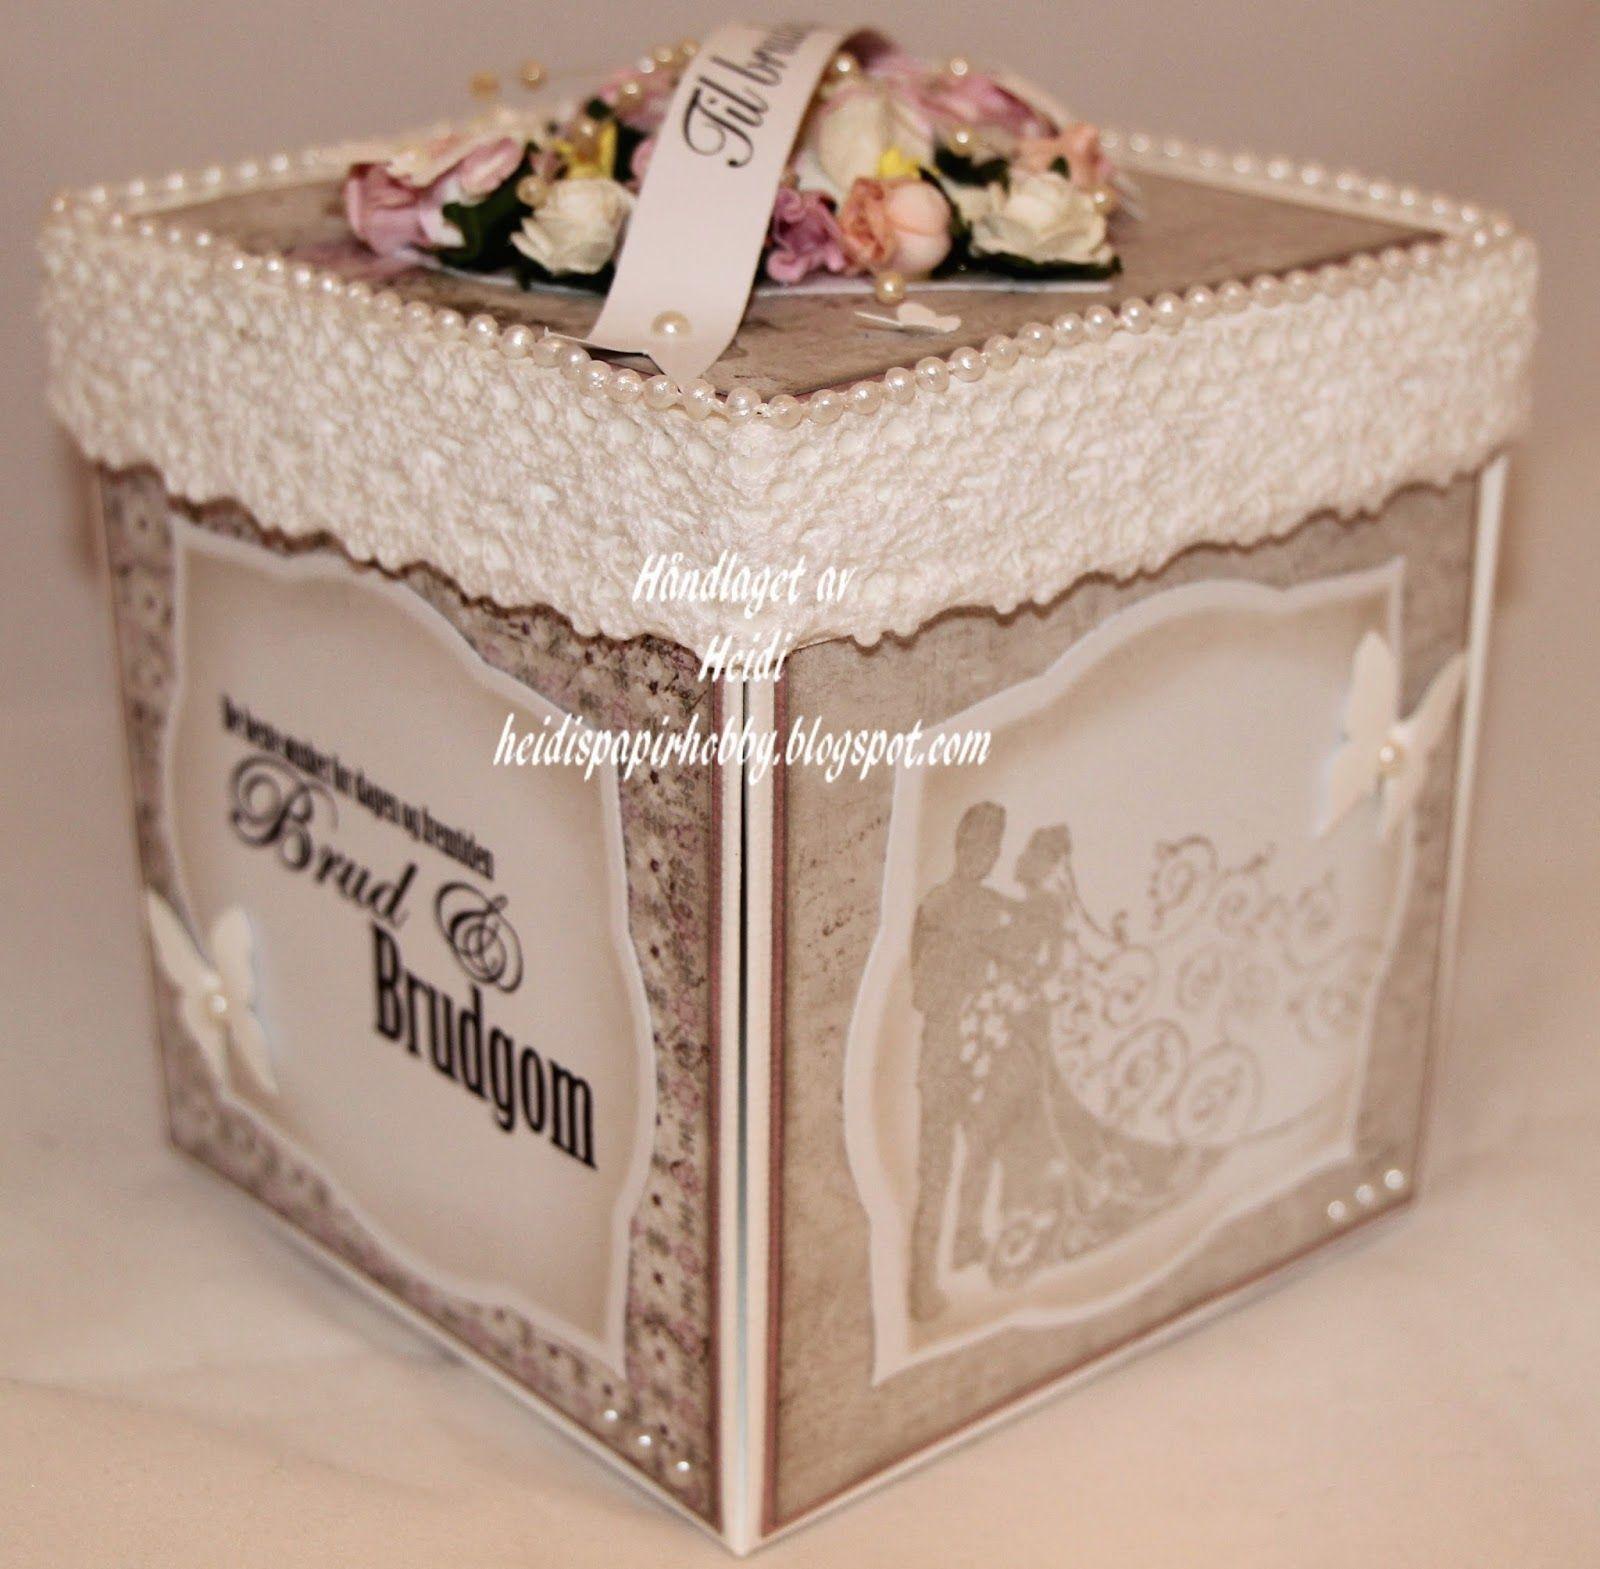 Heidis papirhobby: Eksplosjonsboks til bryllup